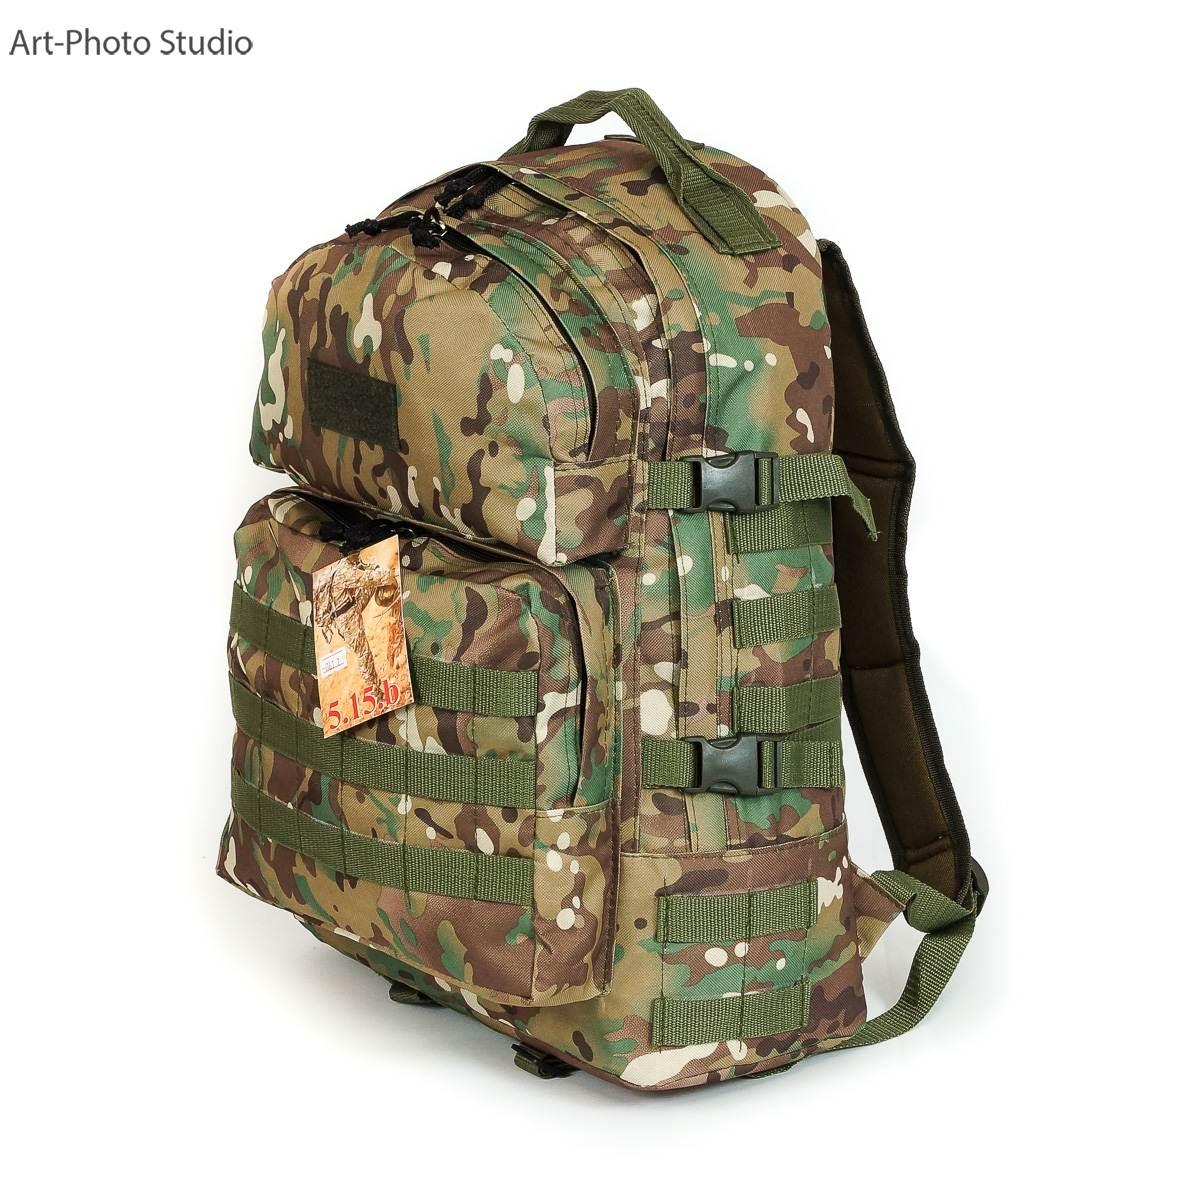 фотография тактического армейского рюкзака цвета мультикам